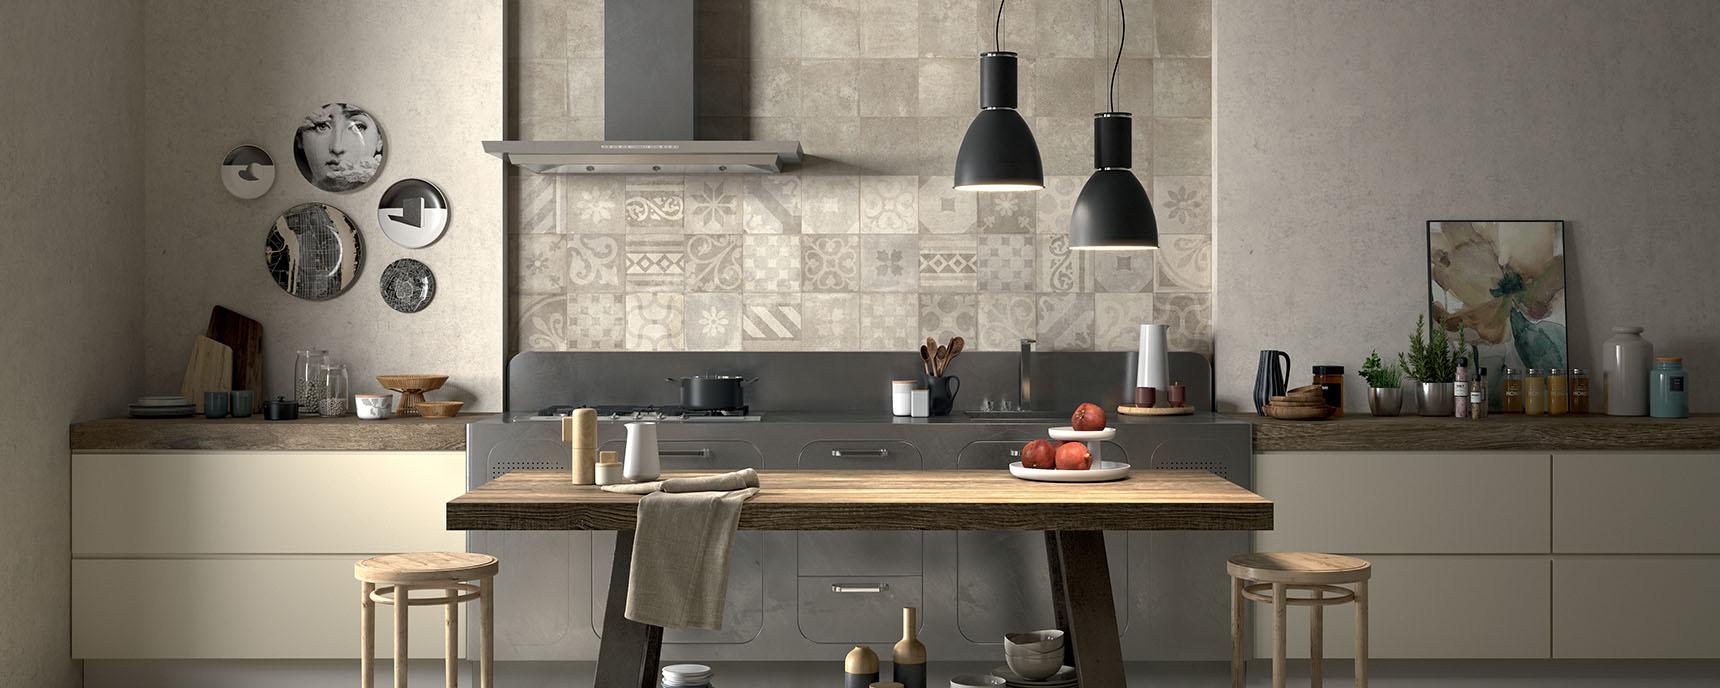 Idee Per La Cucina 4 idee e stili per la cucina | panaria ceramica